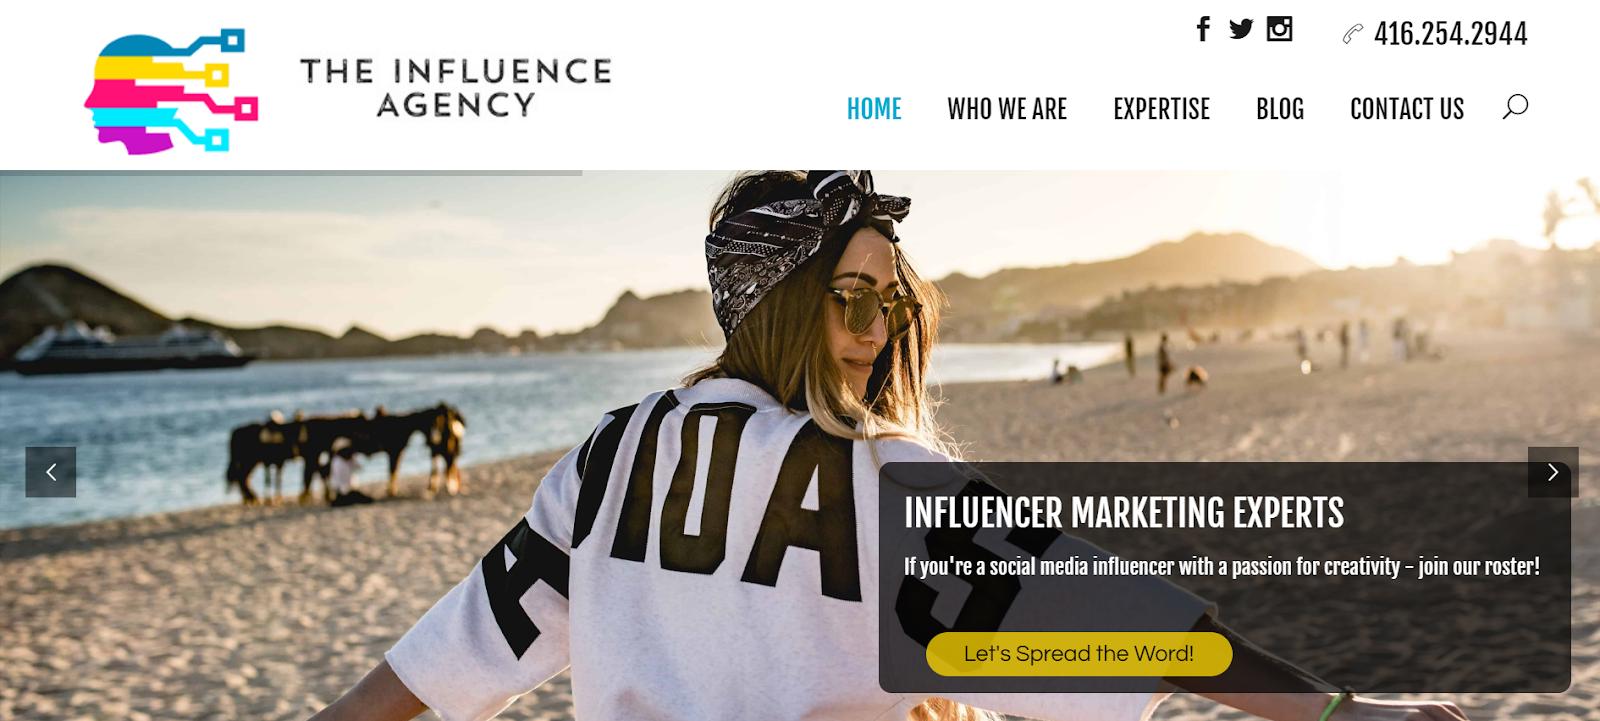 La agencia de influencia Agencia de marketing de influencia